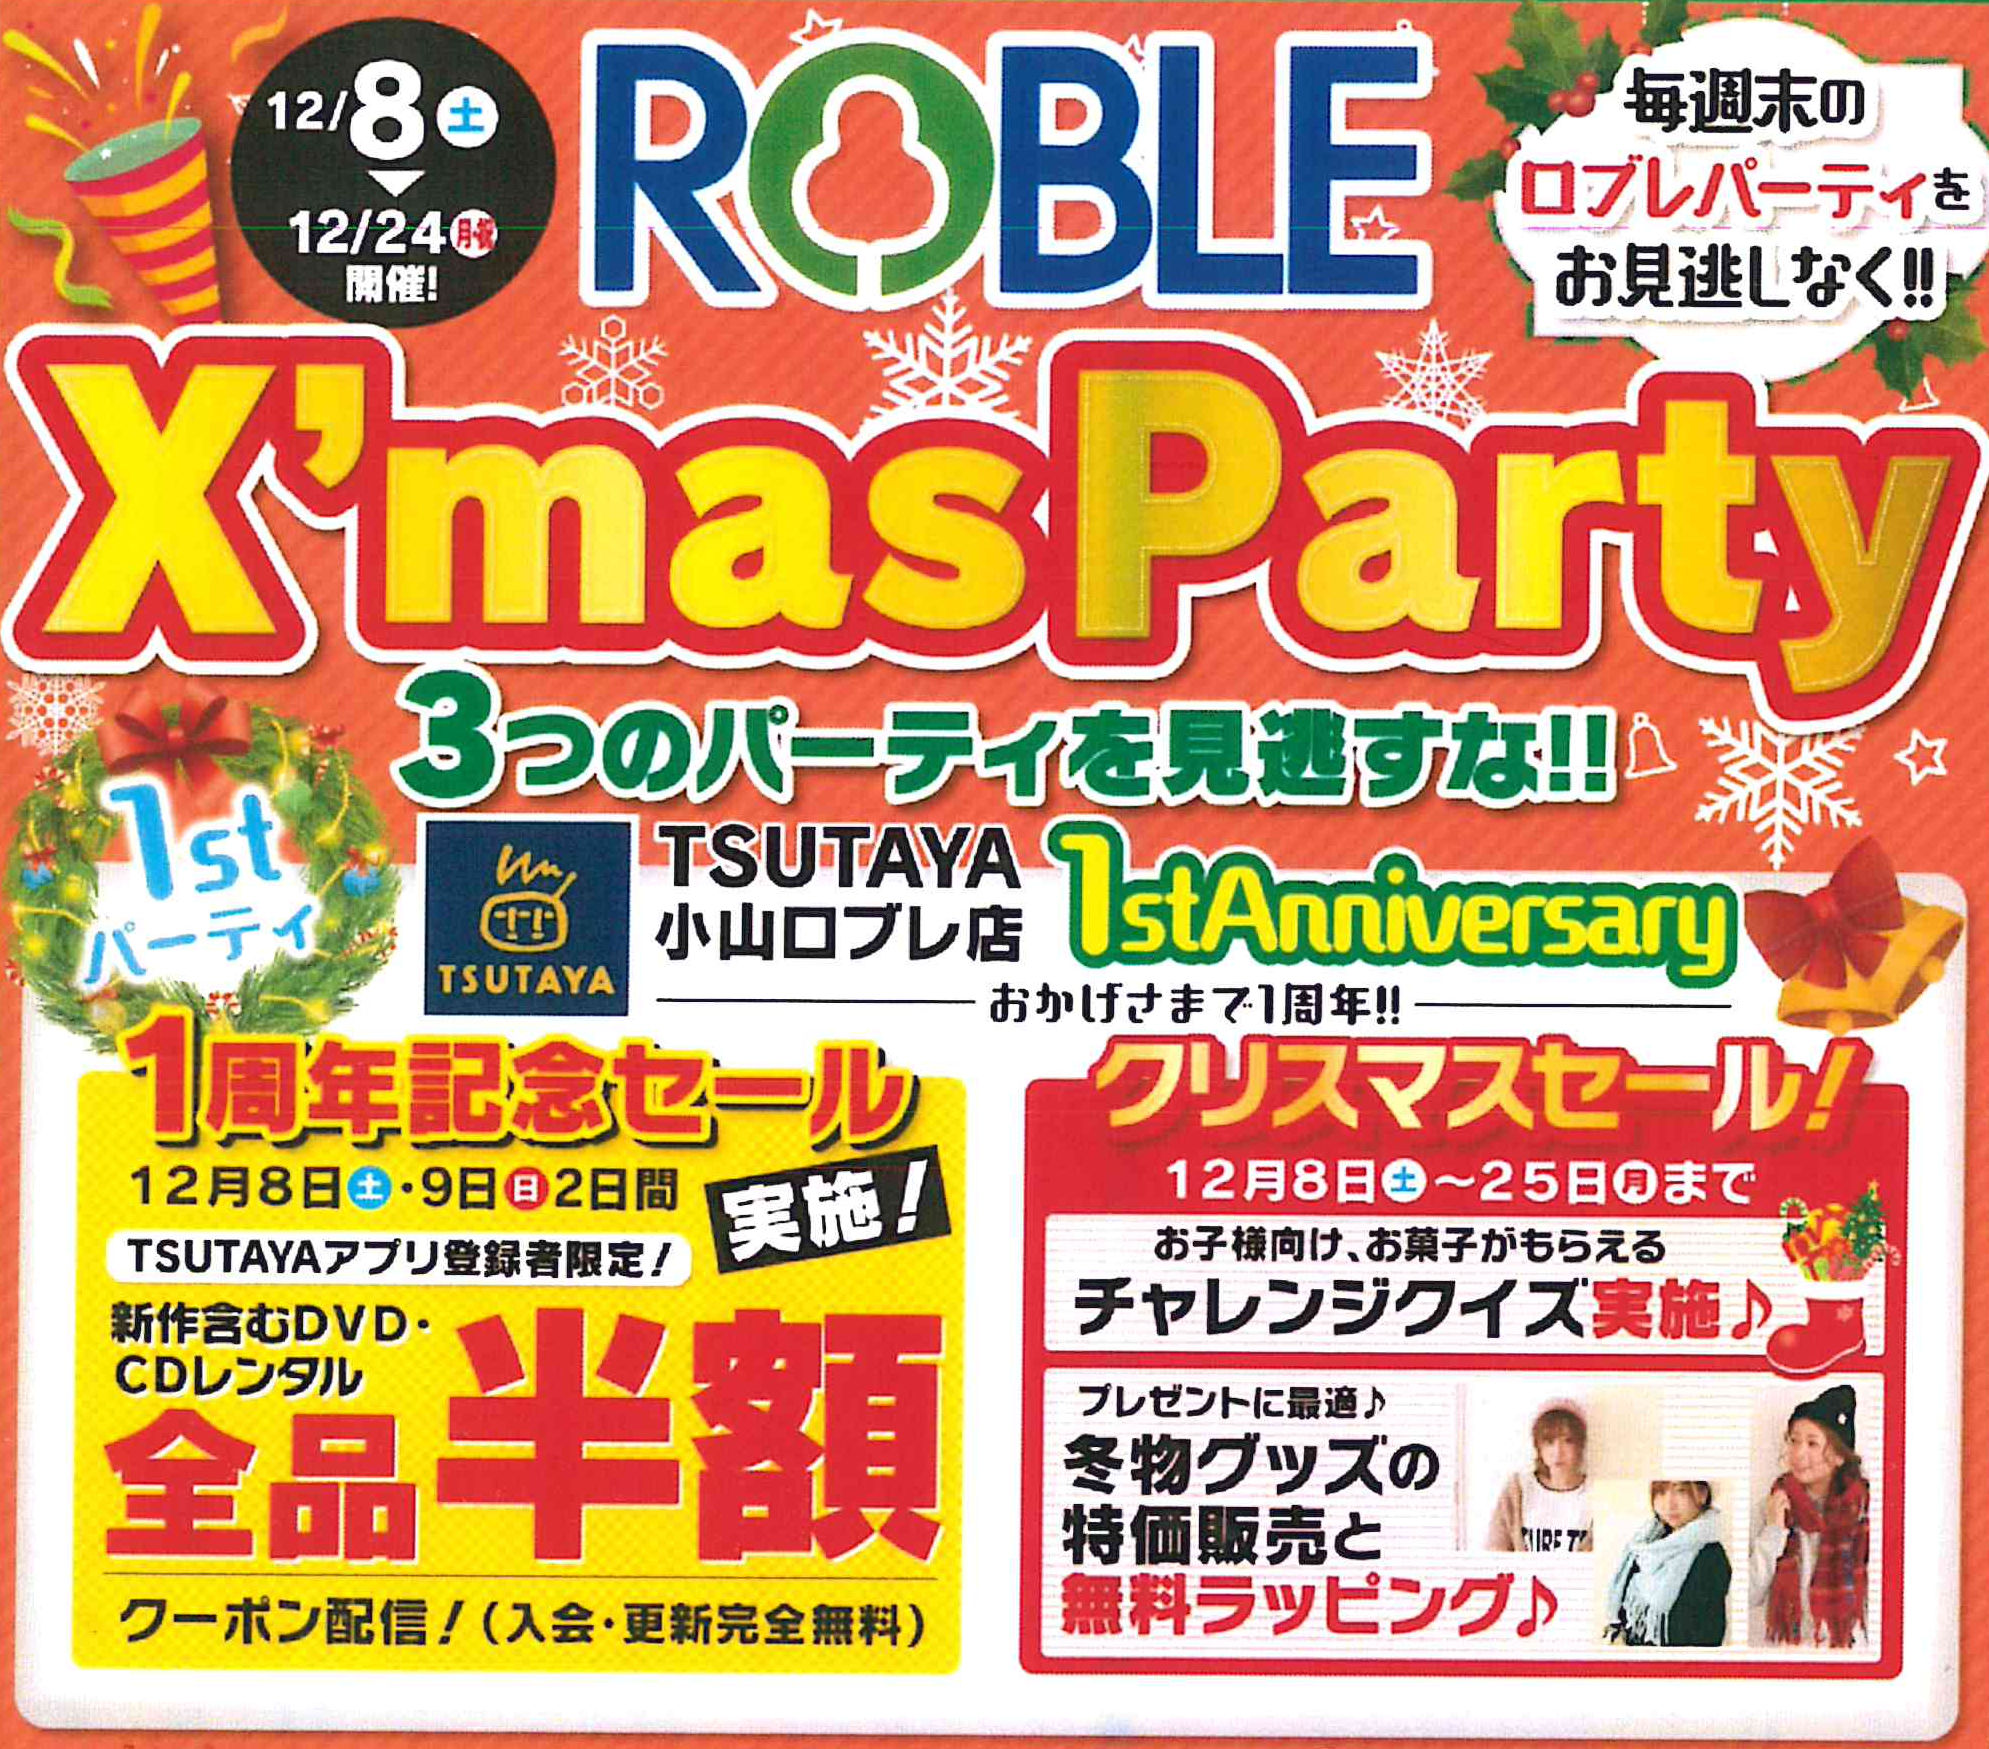 ロブレのクリスマス イベント【第1弾】